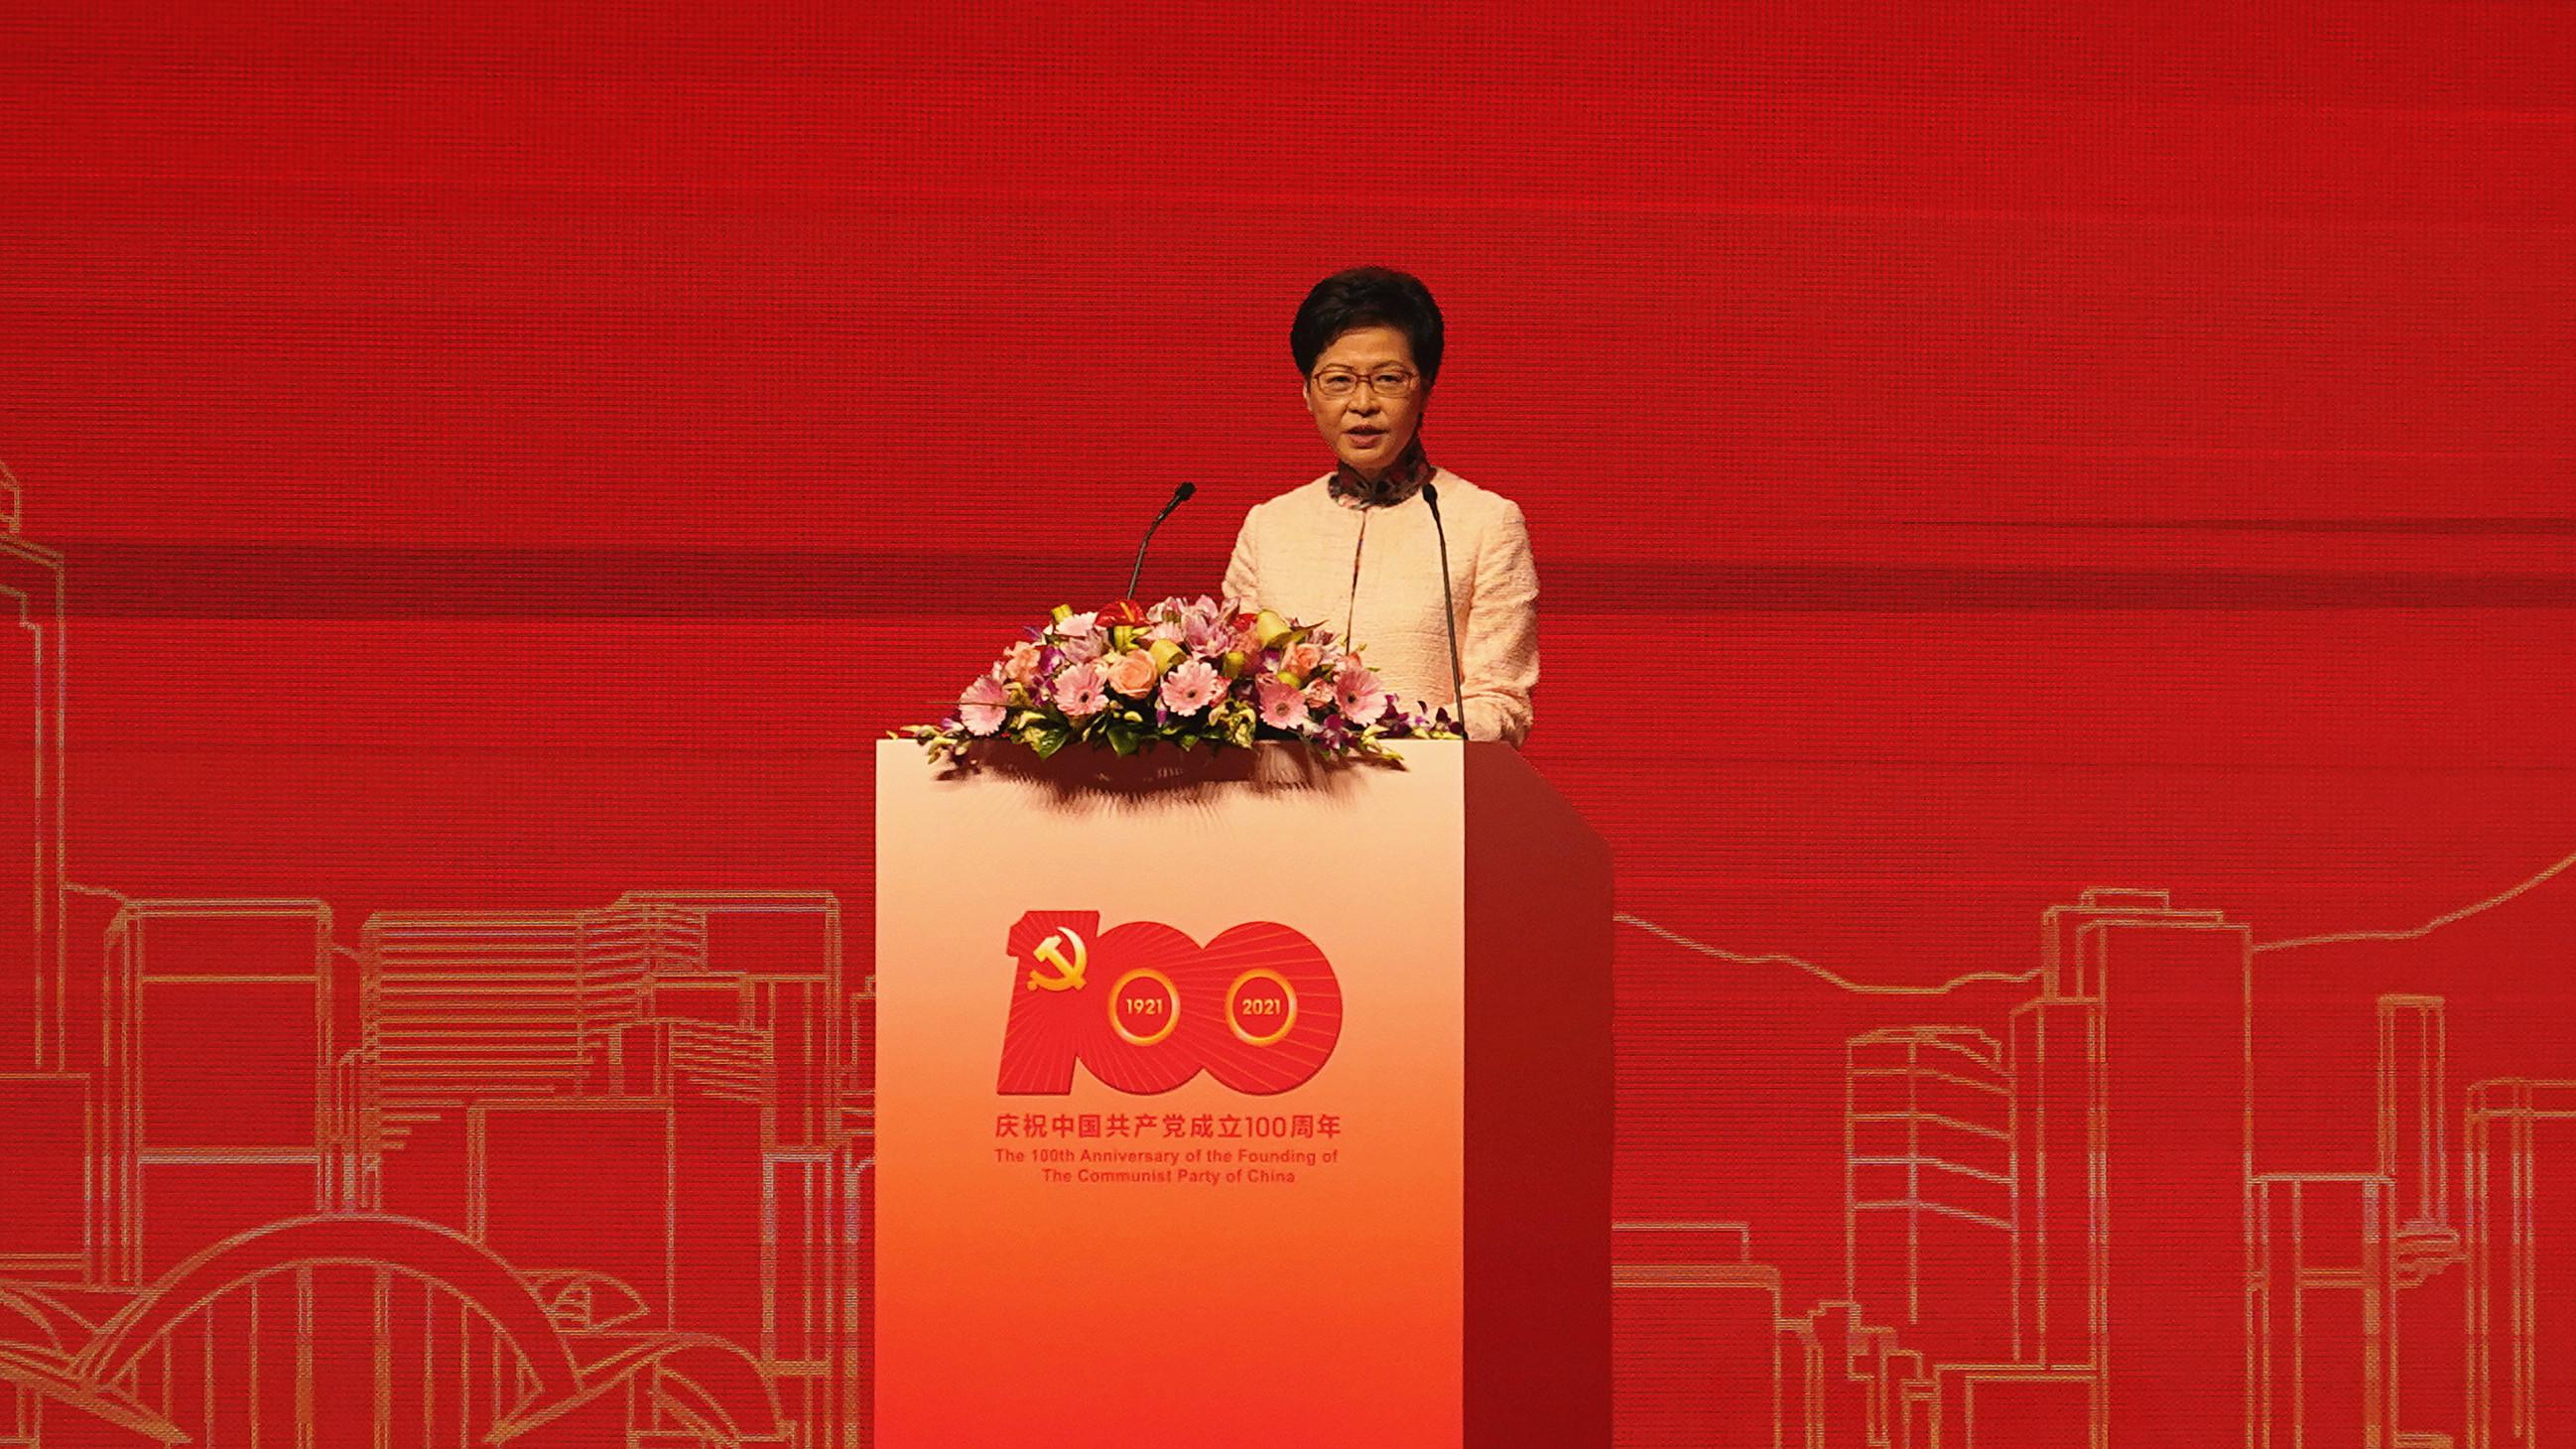 林鄭月娥:中央堅持「一國兩制」原則解決香港問題 使香港由亂向治